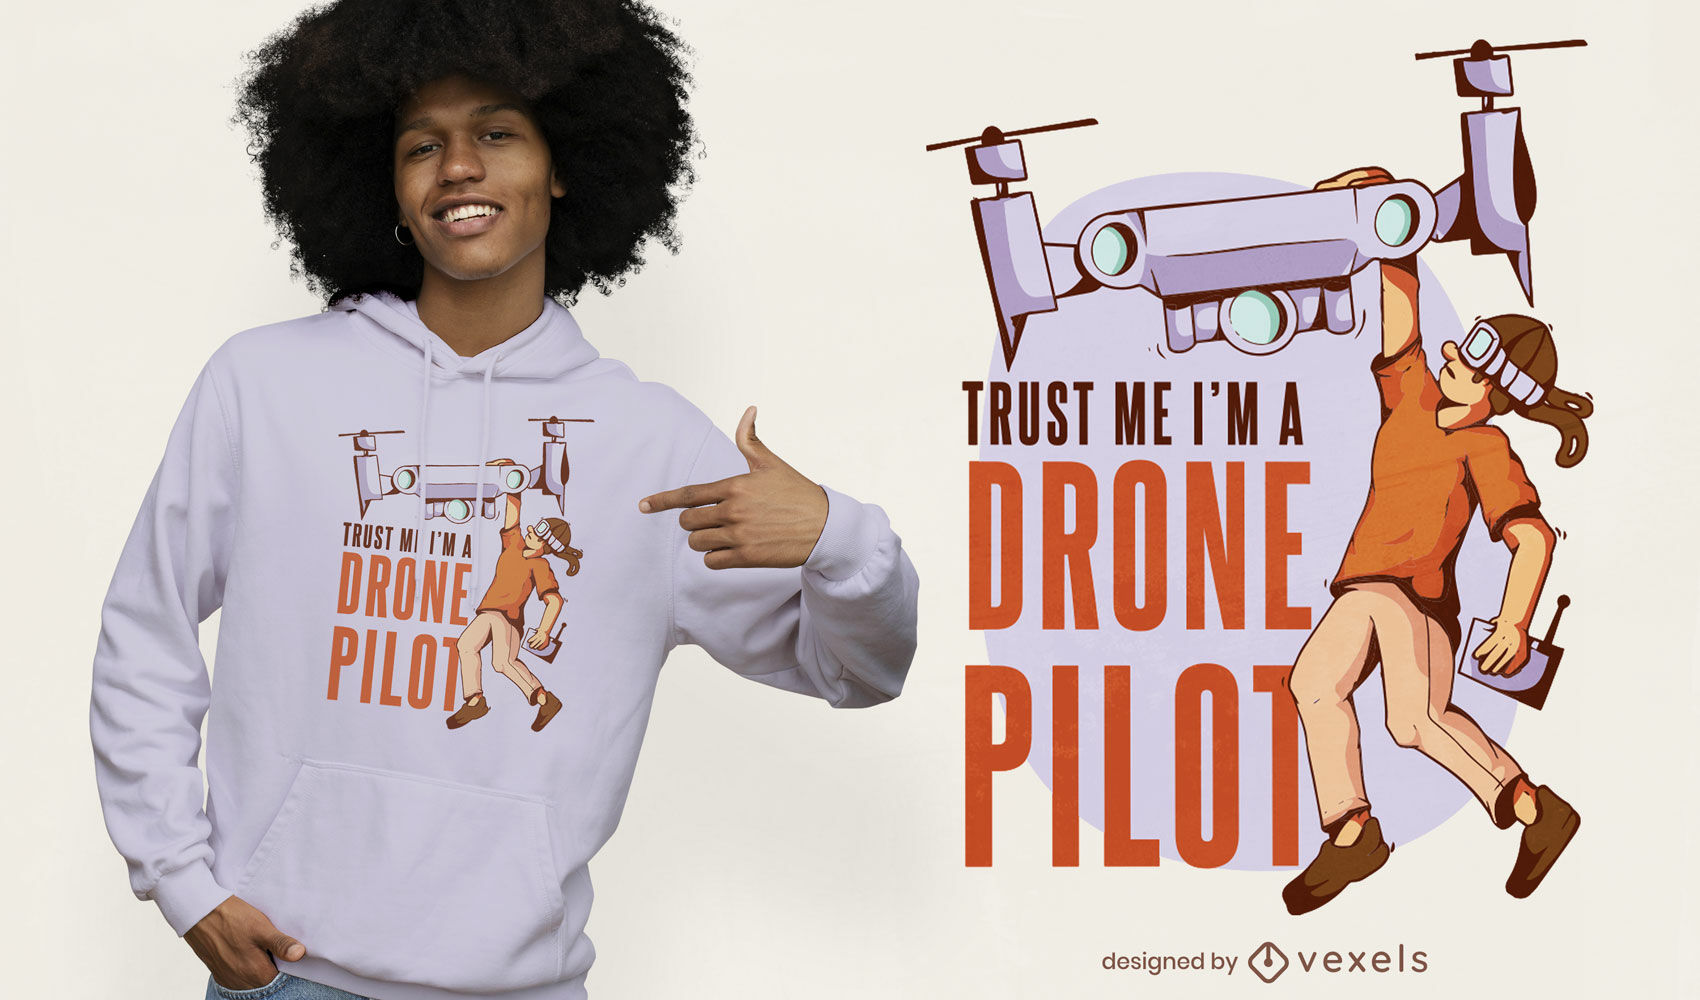 Diseño de camiseta de piloto de drones.